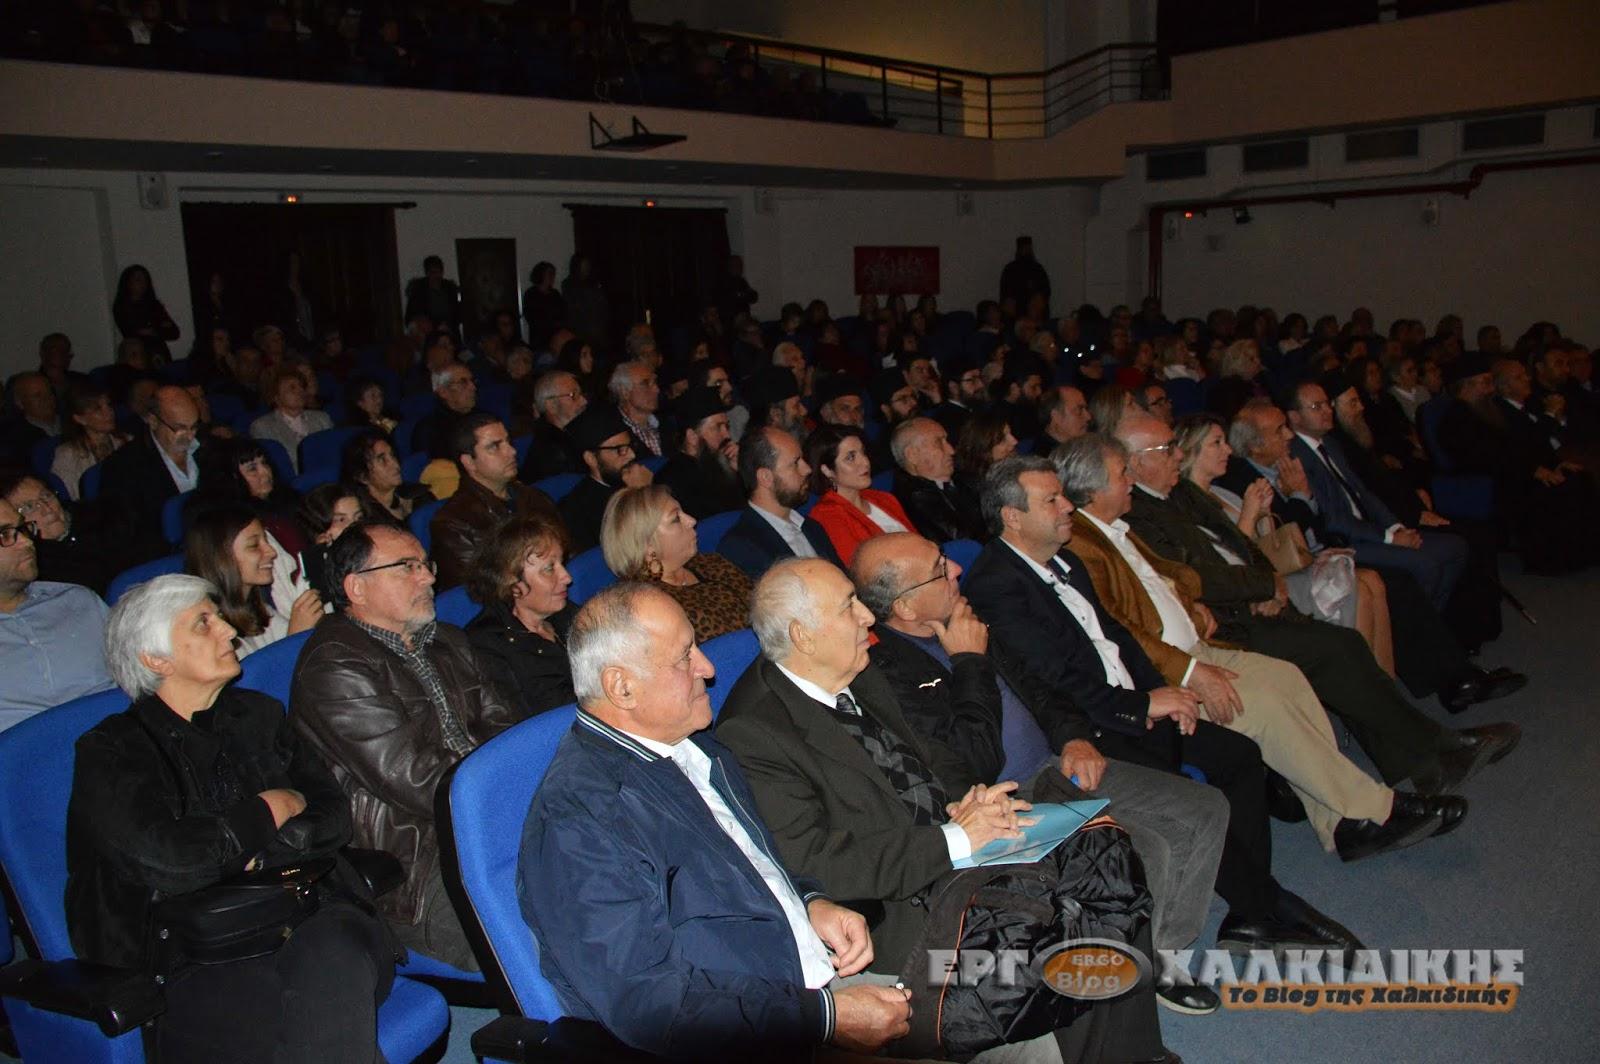 107η Επέτειο  Απελευθέρωσης της Αρναίας - Η Ομιλία της Αρχαιολόγου κ. Ελένης Στούμπου- Κατσιαμούρη